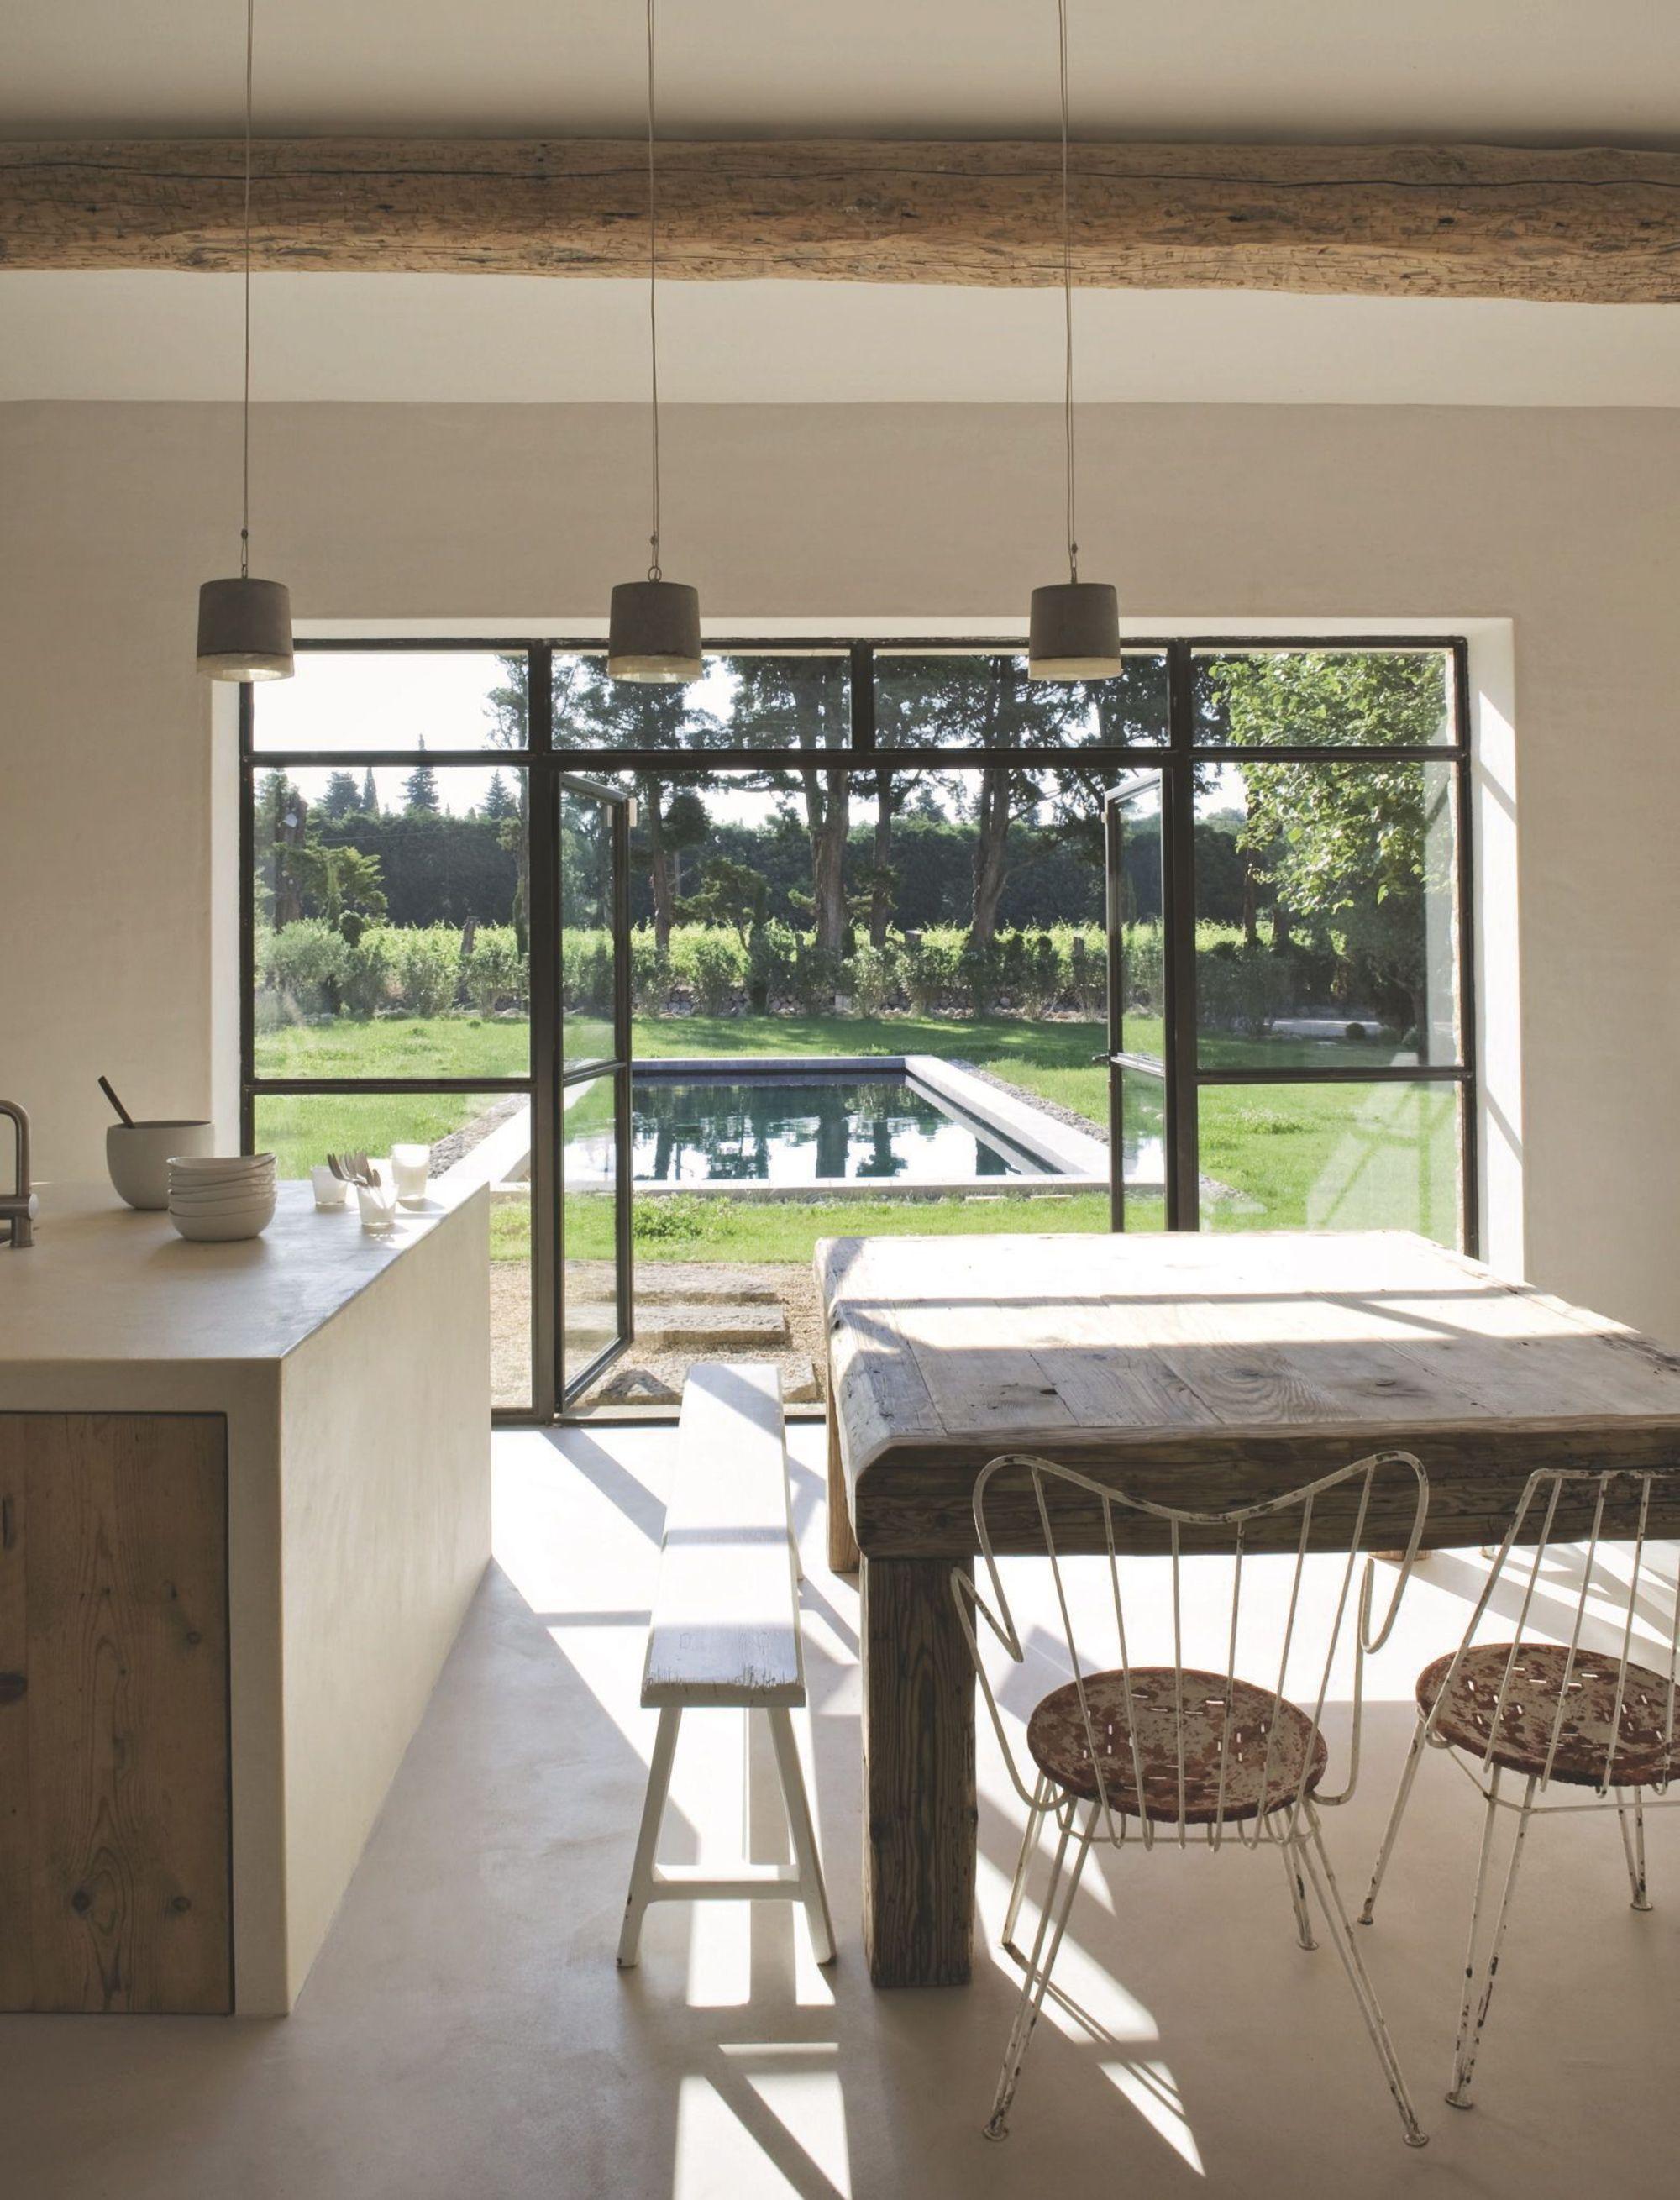 maison de famille dans sud de la france ilot central ilot et central. Black Bedroom Furniture Sets. Home Design Ideas